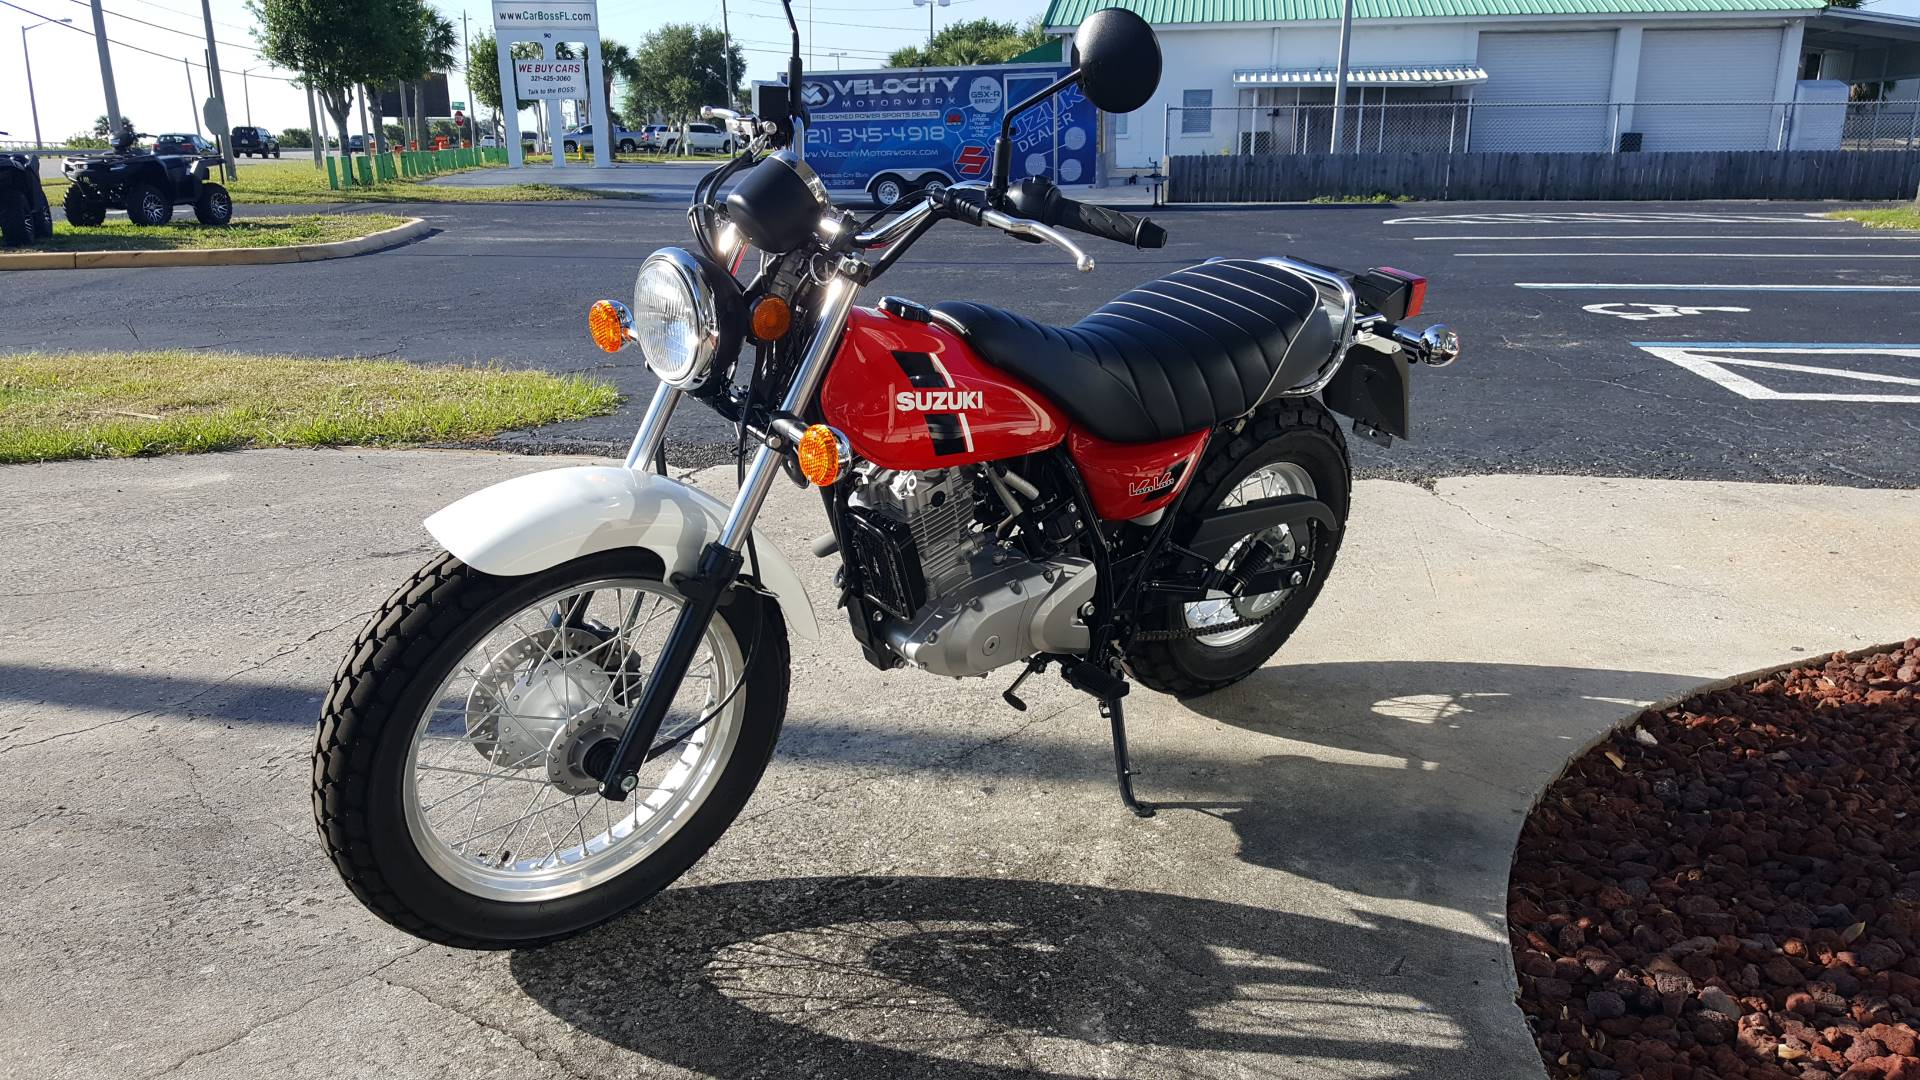 Suzuki Motorcycle Dealership Melbourne